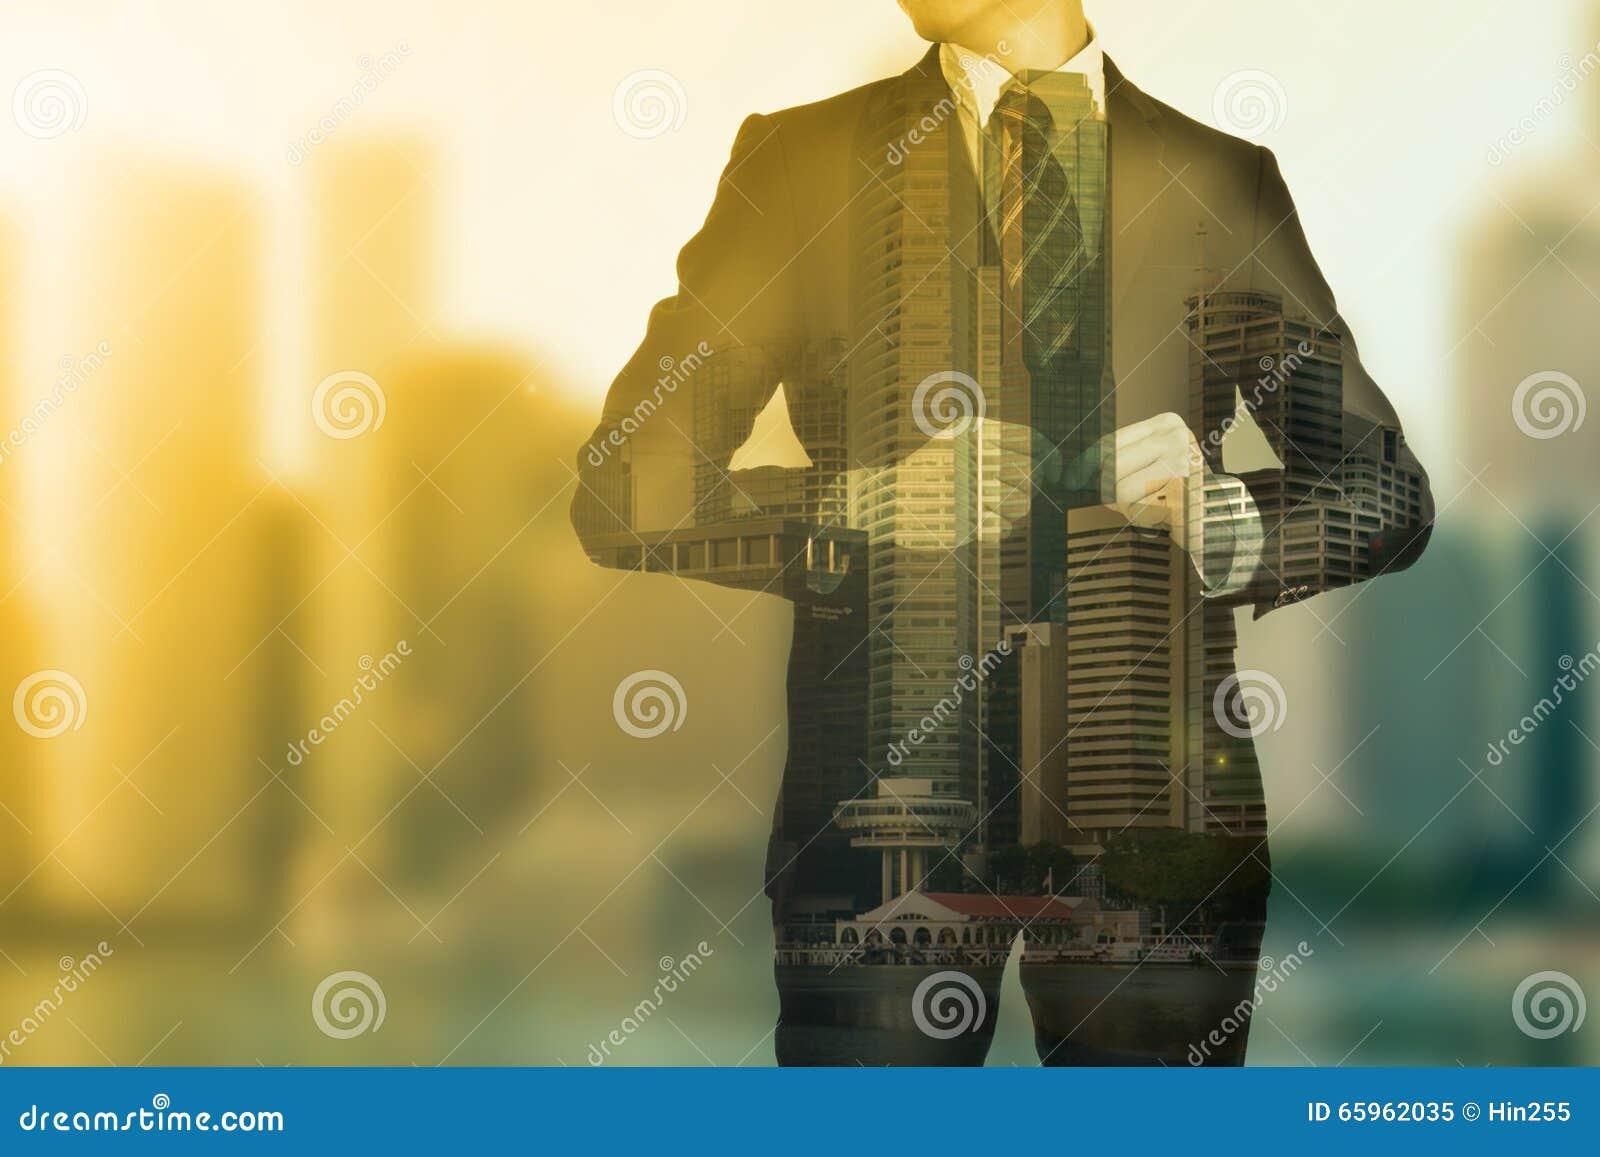 Επιχειρηματίας που αντιπροσωπεύει να φανεί η επιχείρηση επιτυχίας του